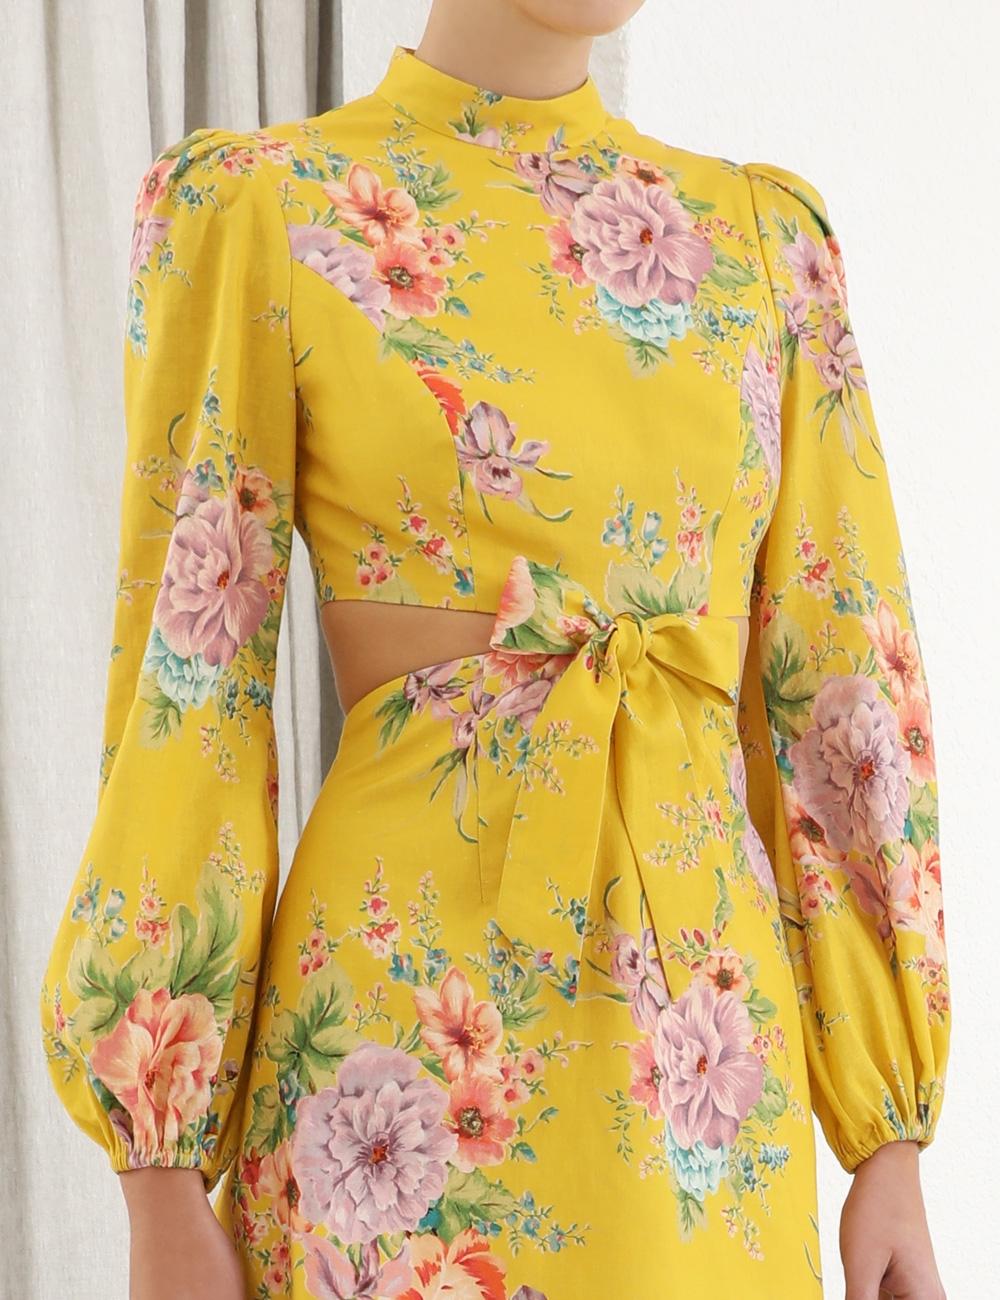 Zinnia Bow Cut Out Short Dress